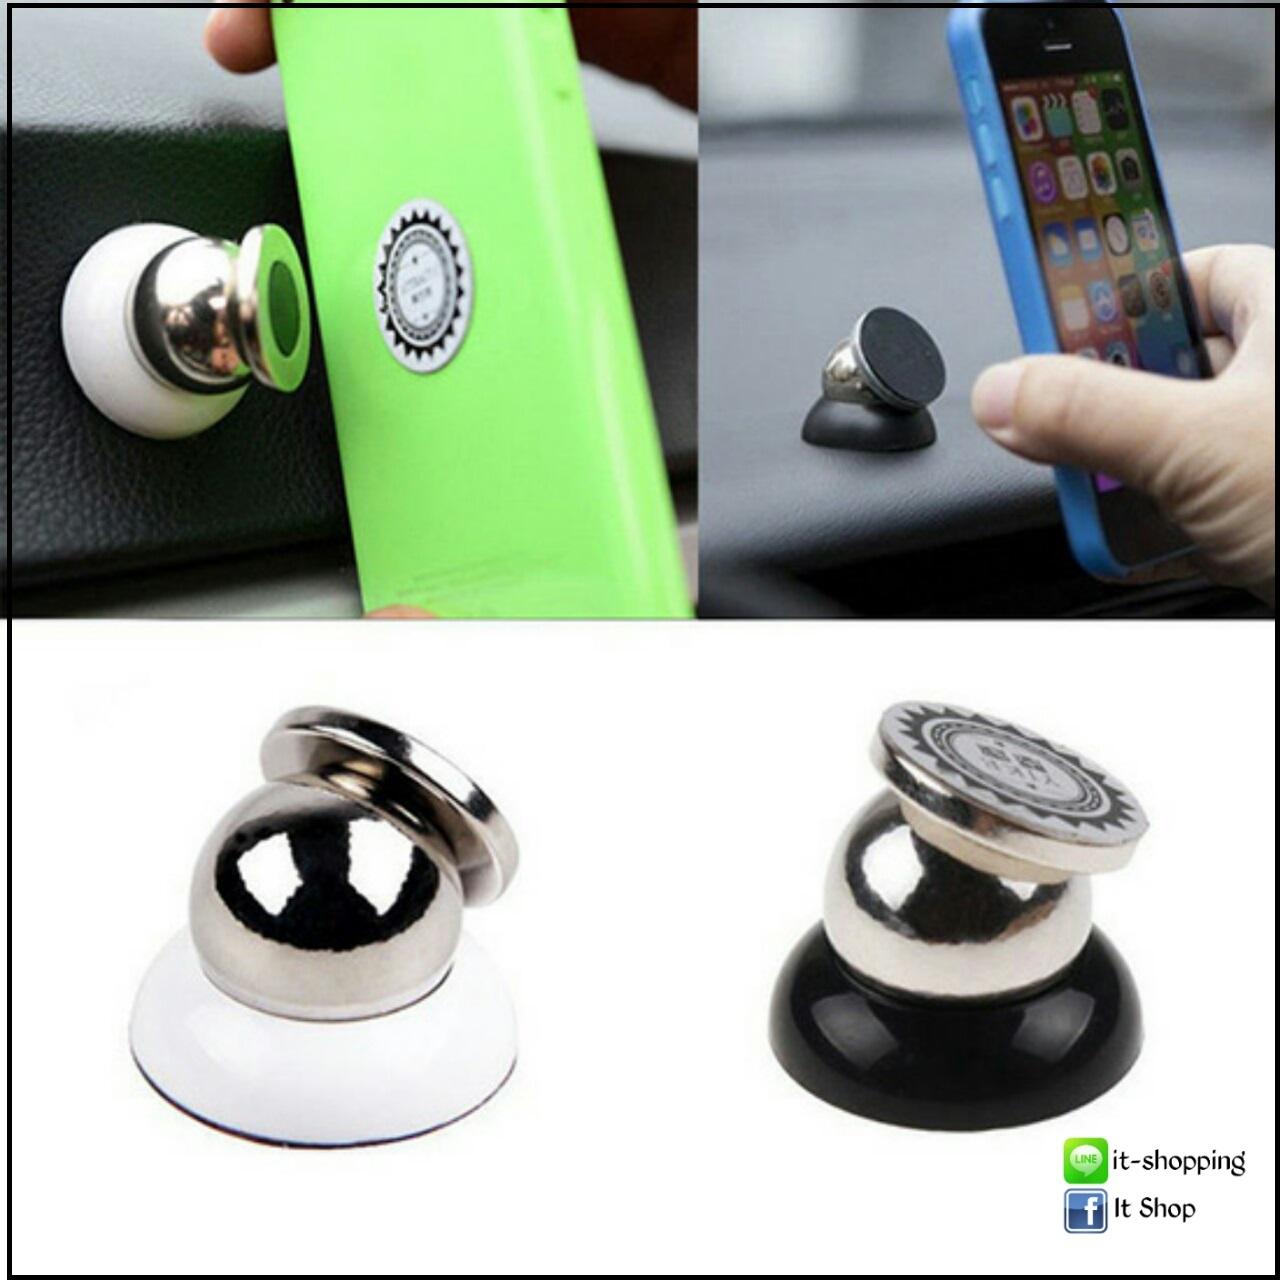 ที่ยึดโทรศัพท์มือถือในรถยนต์แบบแม่เหล็ก